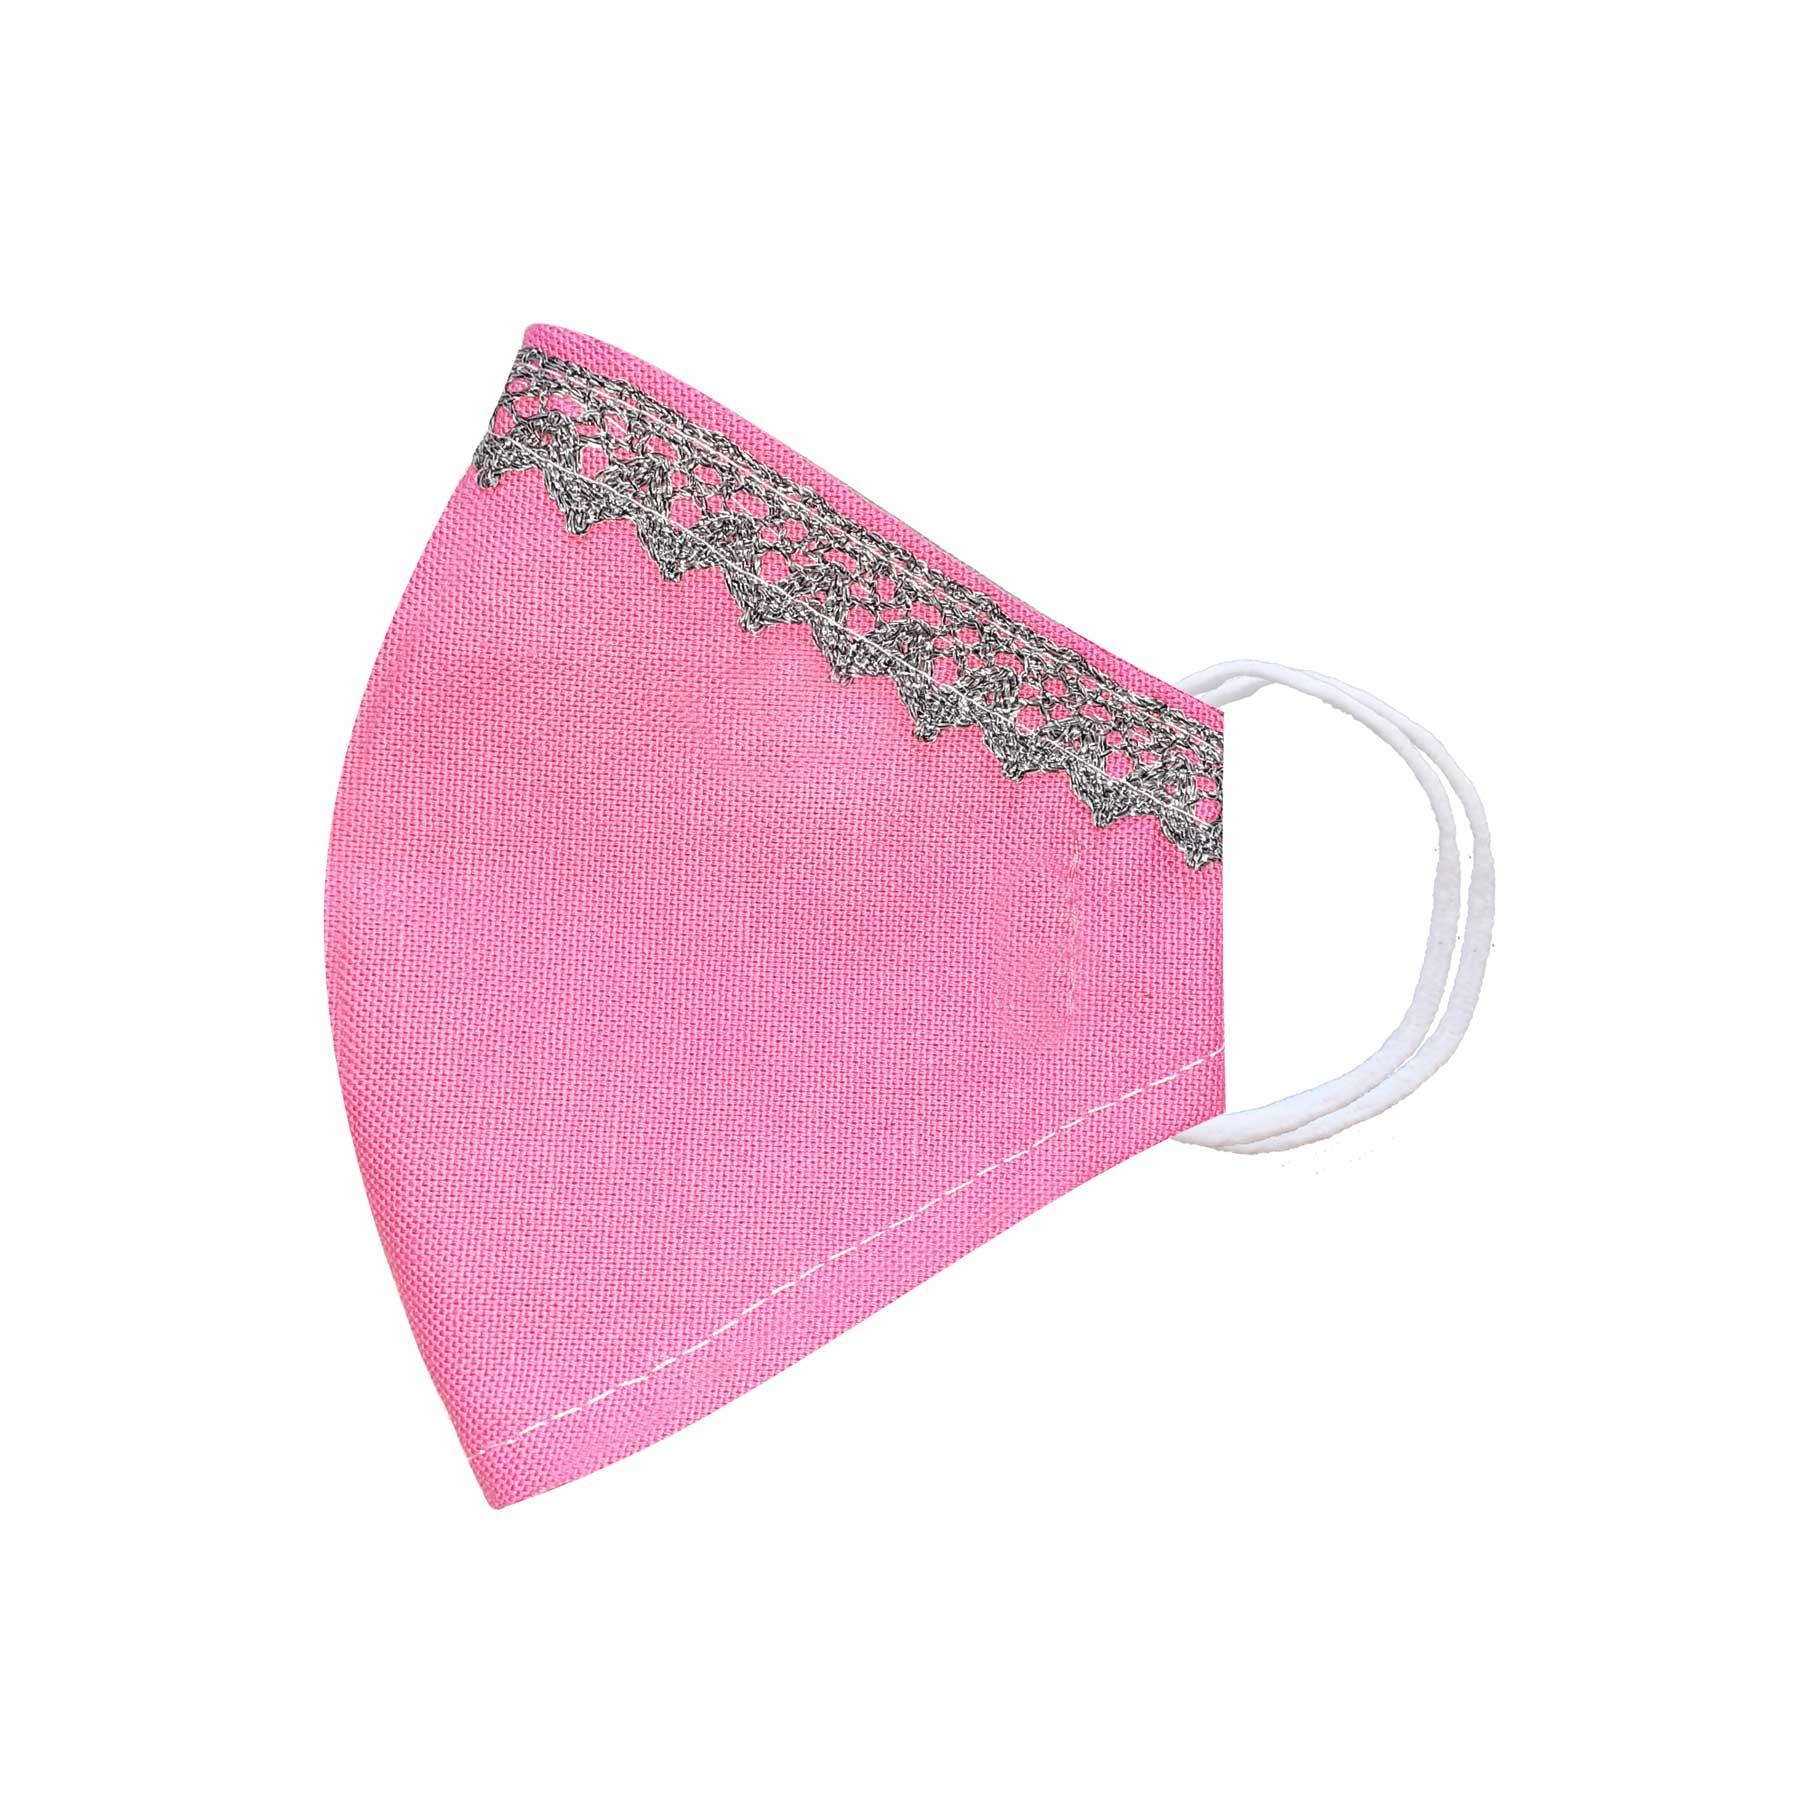 Módní bavlněné ústní roušky tvarované růžové s krajkou, třívrstvé s filtrem a s gumičkami dámské